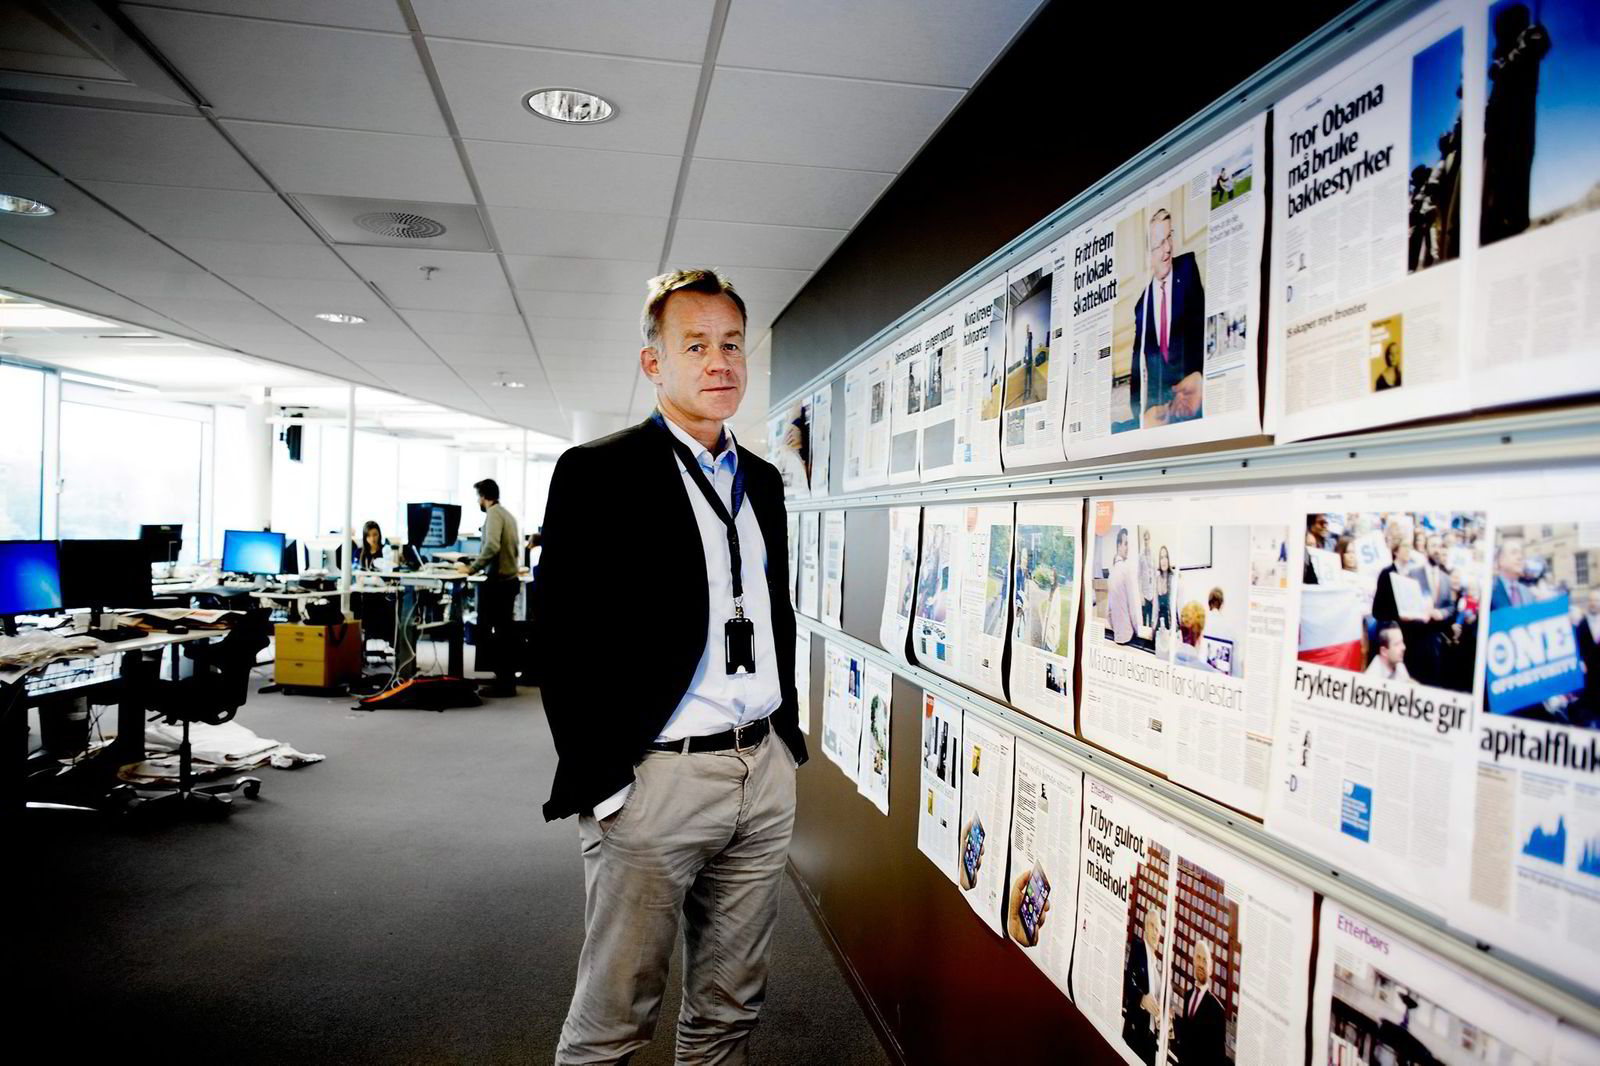 Sjefredaktør og administrerende direktør Amund Djuve i Dagens Næringsliv sier alle avisens traffikkdata kun brukes i aggregert, eller samlet, format.